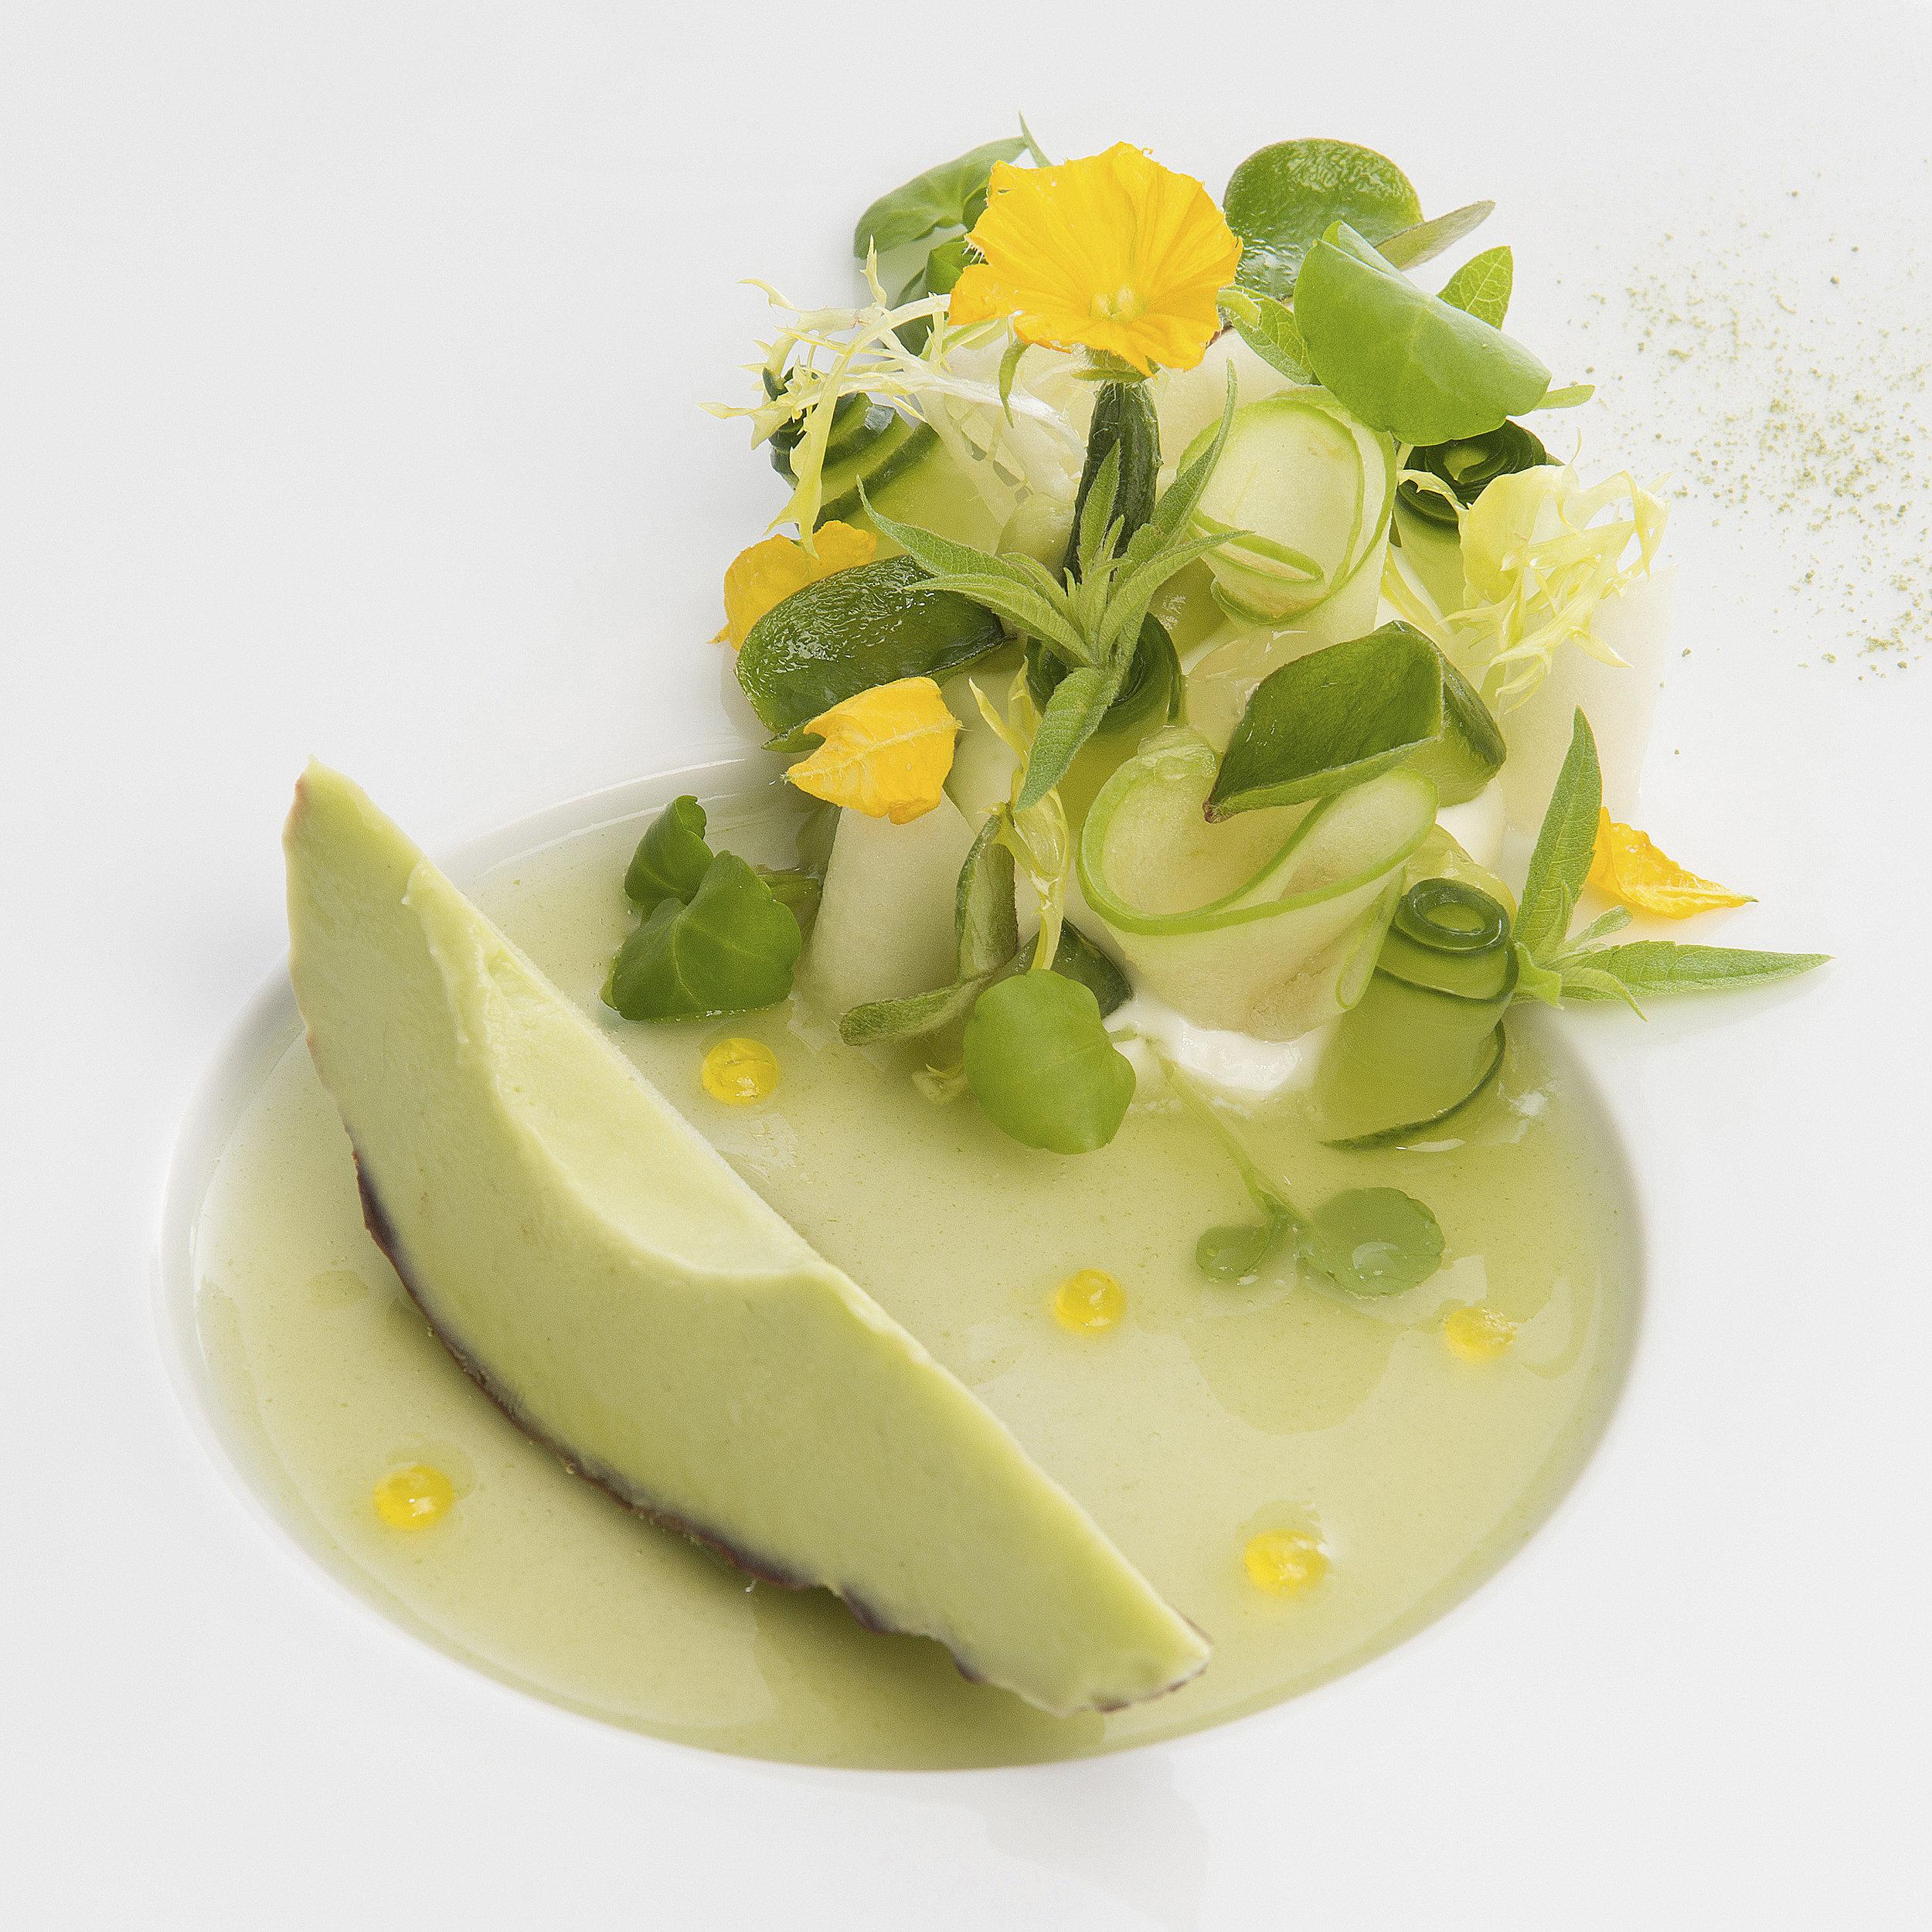 Sidney Schutte | Avocadosorbet, chartreuse, groene appel, komkommer en yoghurtui, kalfsjus met salie linzen en pijnboompitten